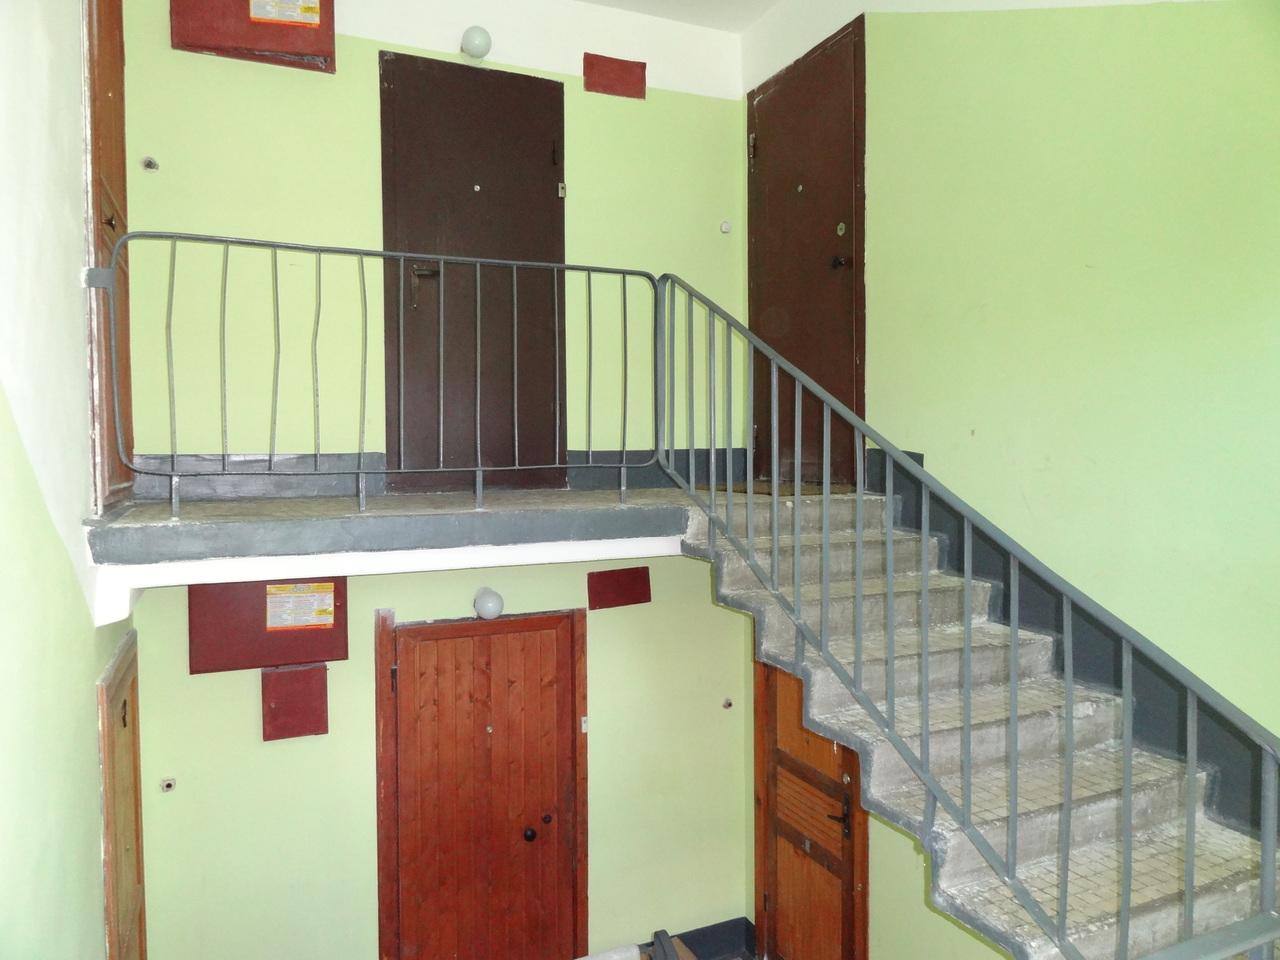 Интересный факт: в советских домах лестницы строили против часовой стрелки